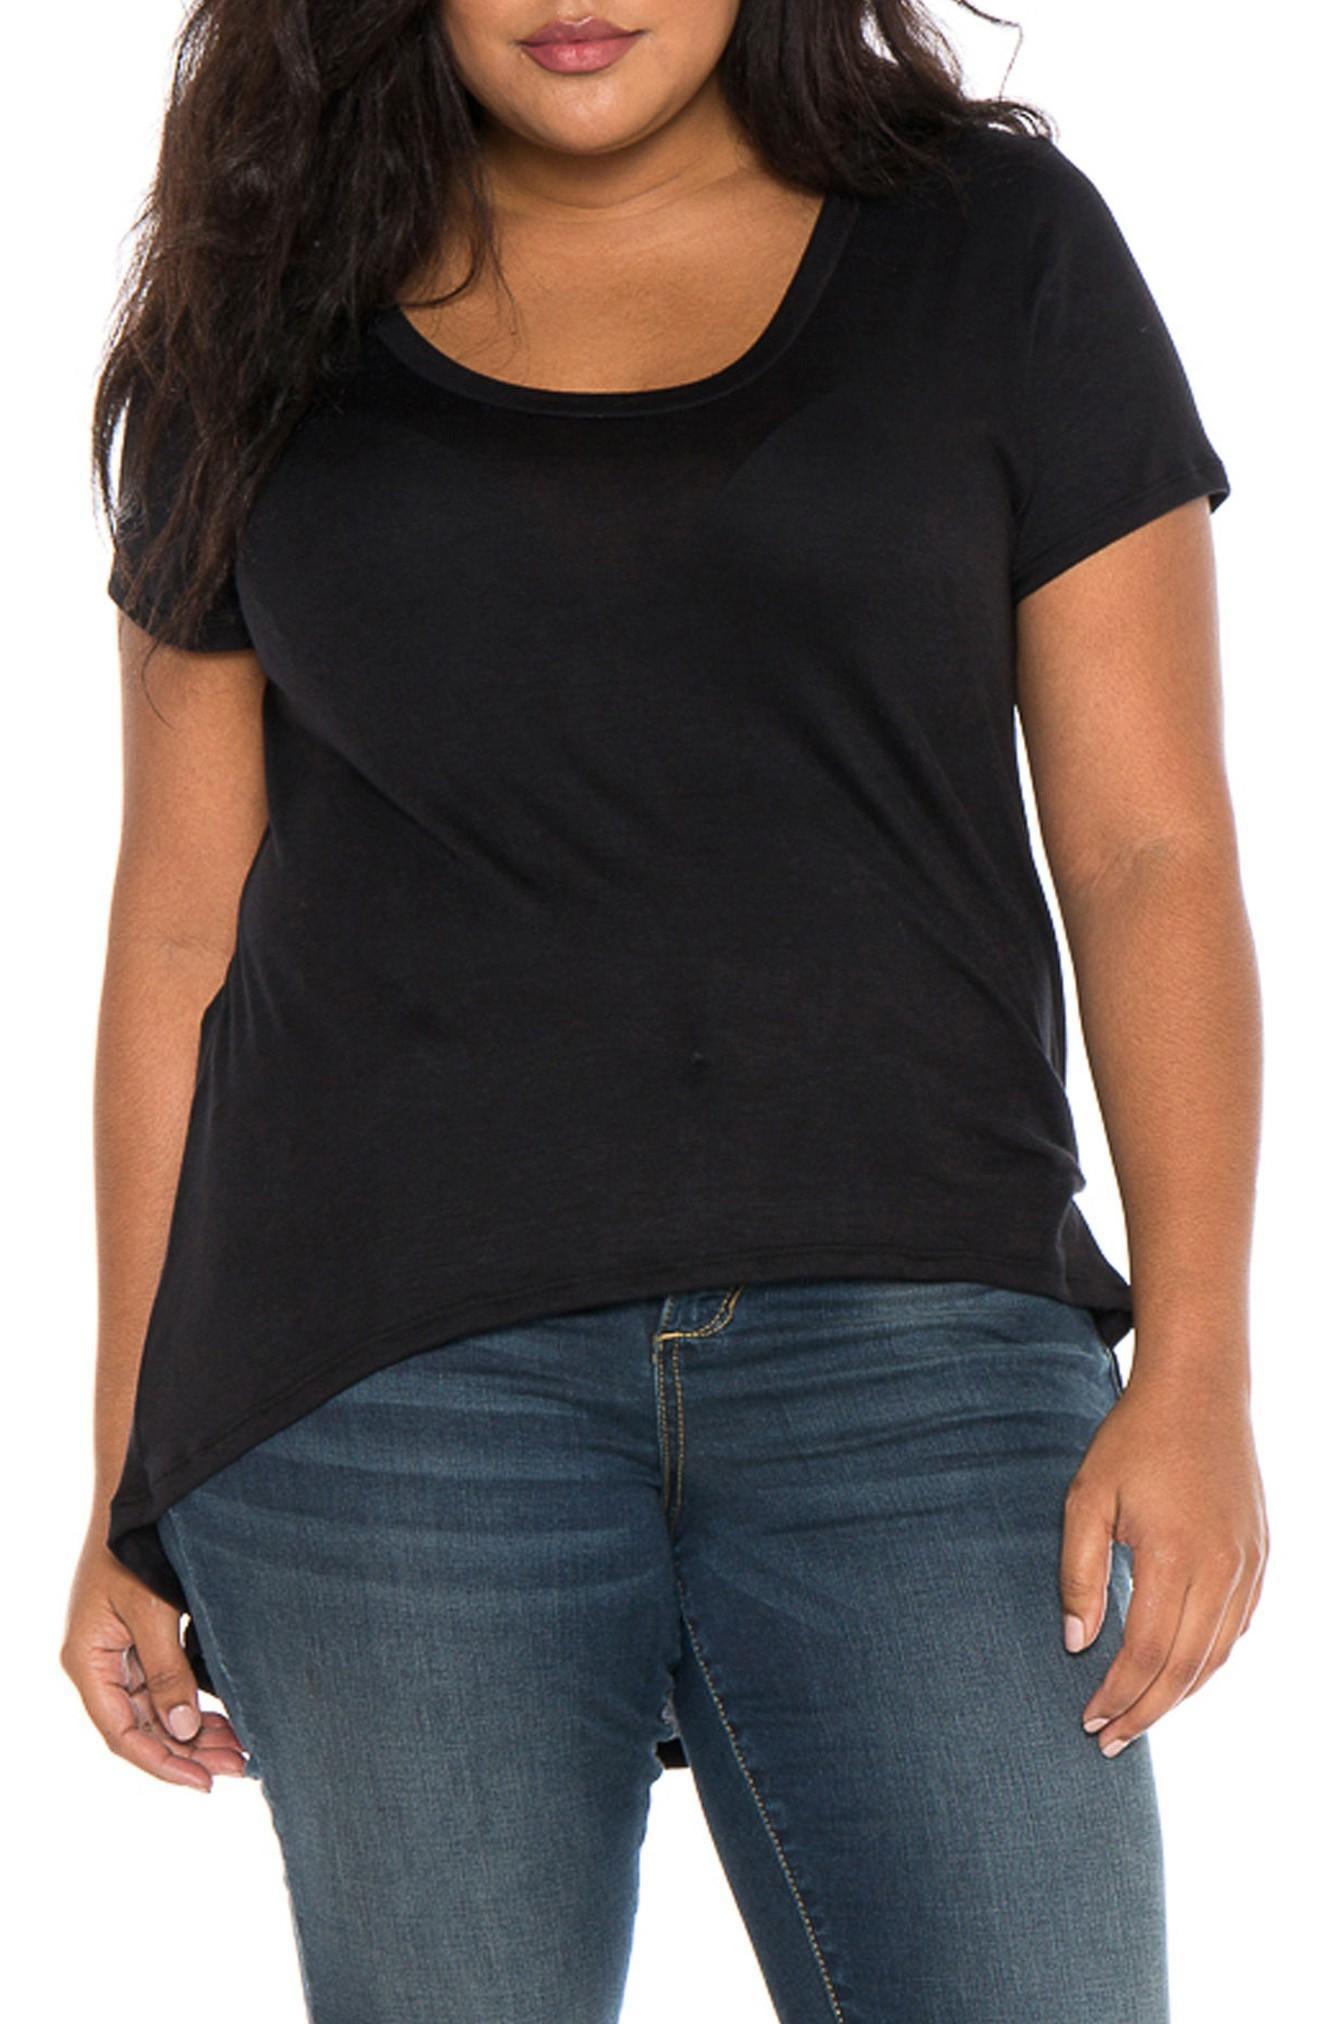 Slink Jeans High/low Scoop Neck Tee In Black